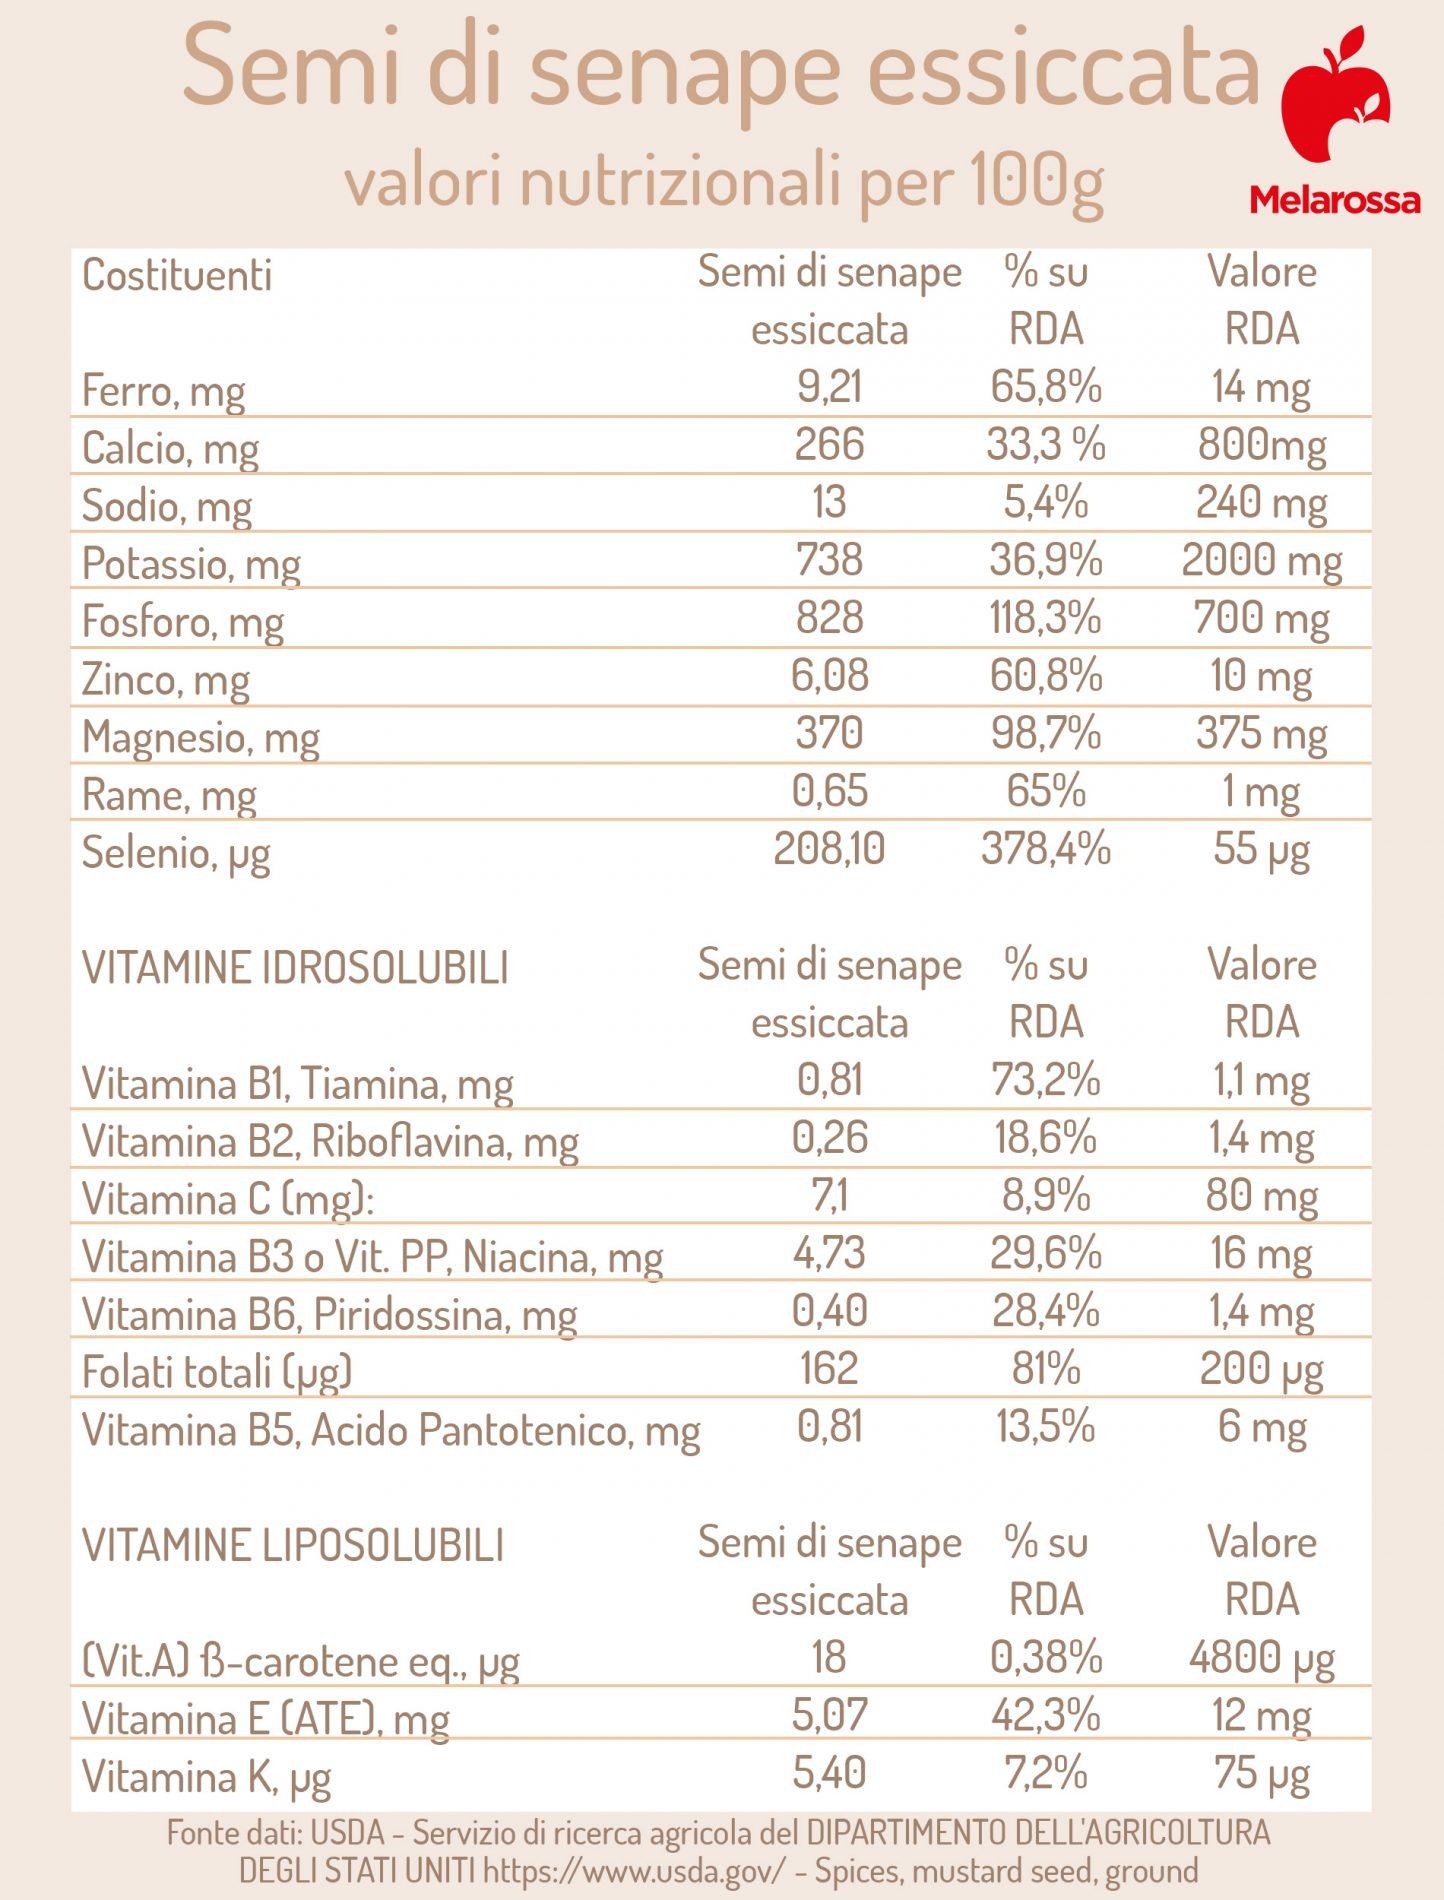 semillas de mostaza: valores nutricionales